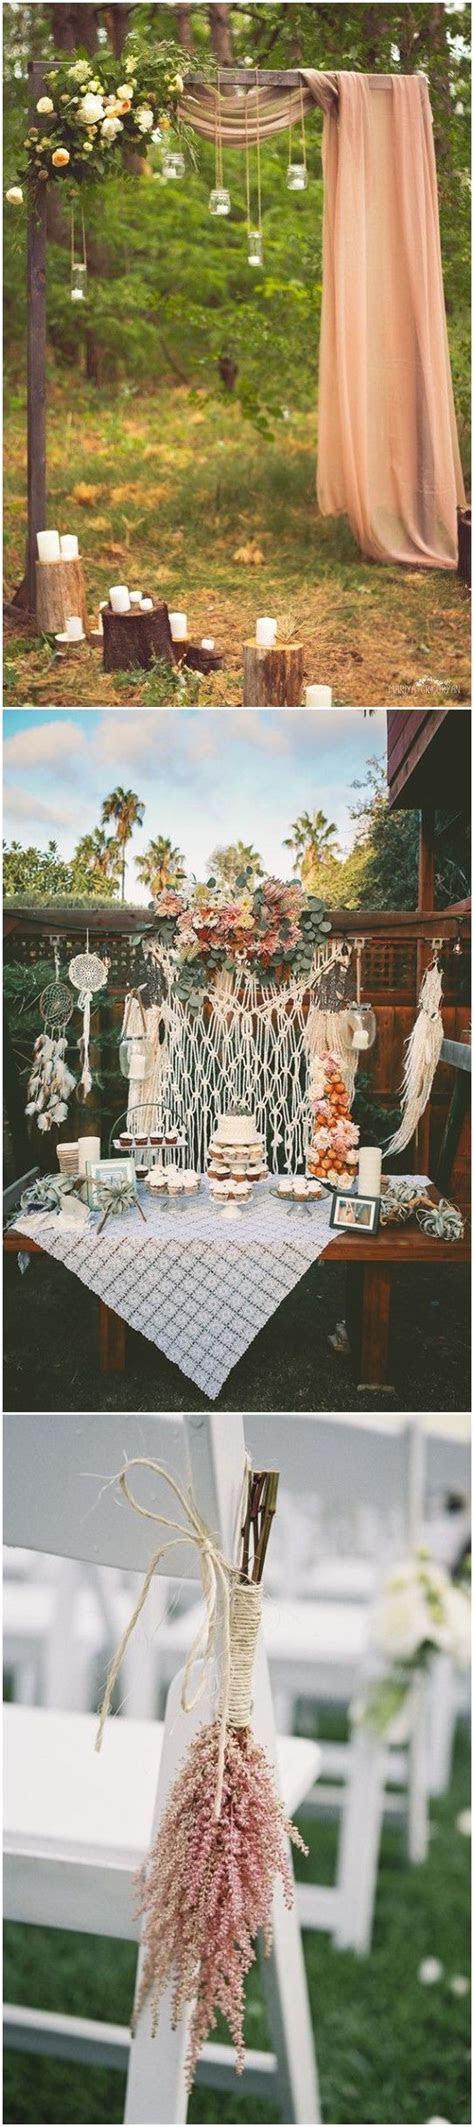 20  Gorgeous Boho Wedding Décor Ideas on Pinterest   Diy